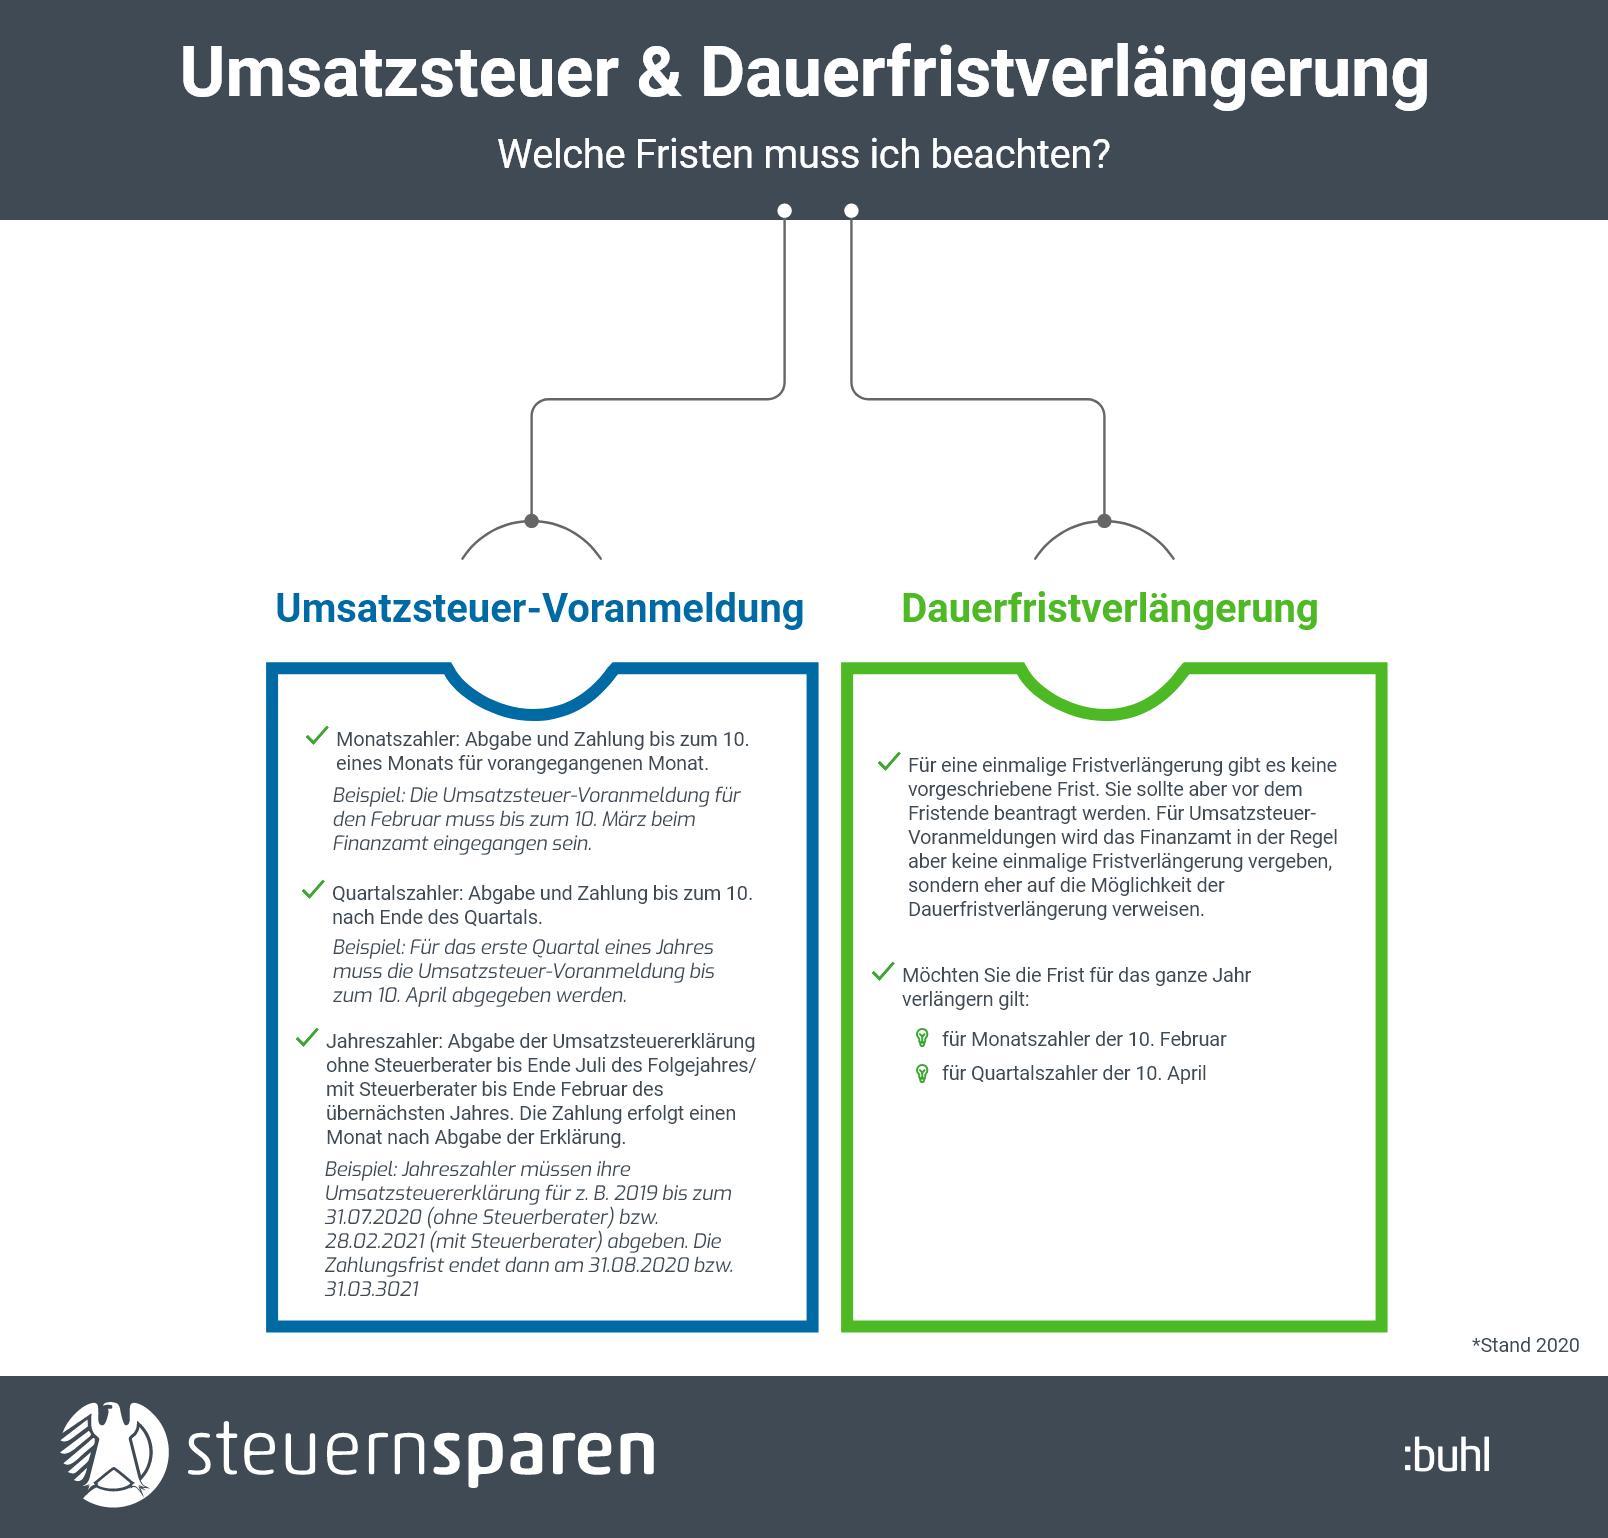 Dauerfristverlängerung Infografik